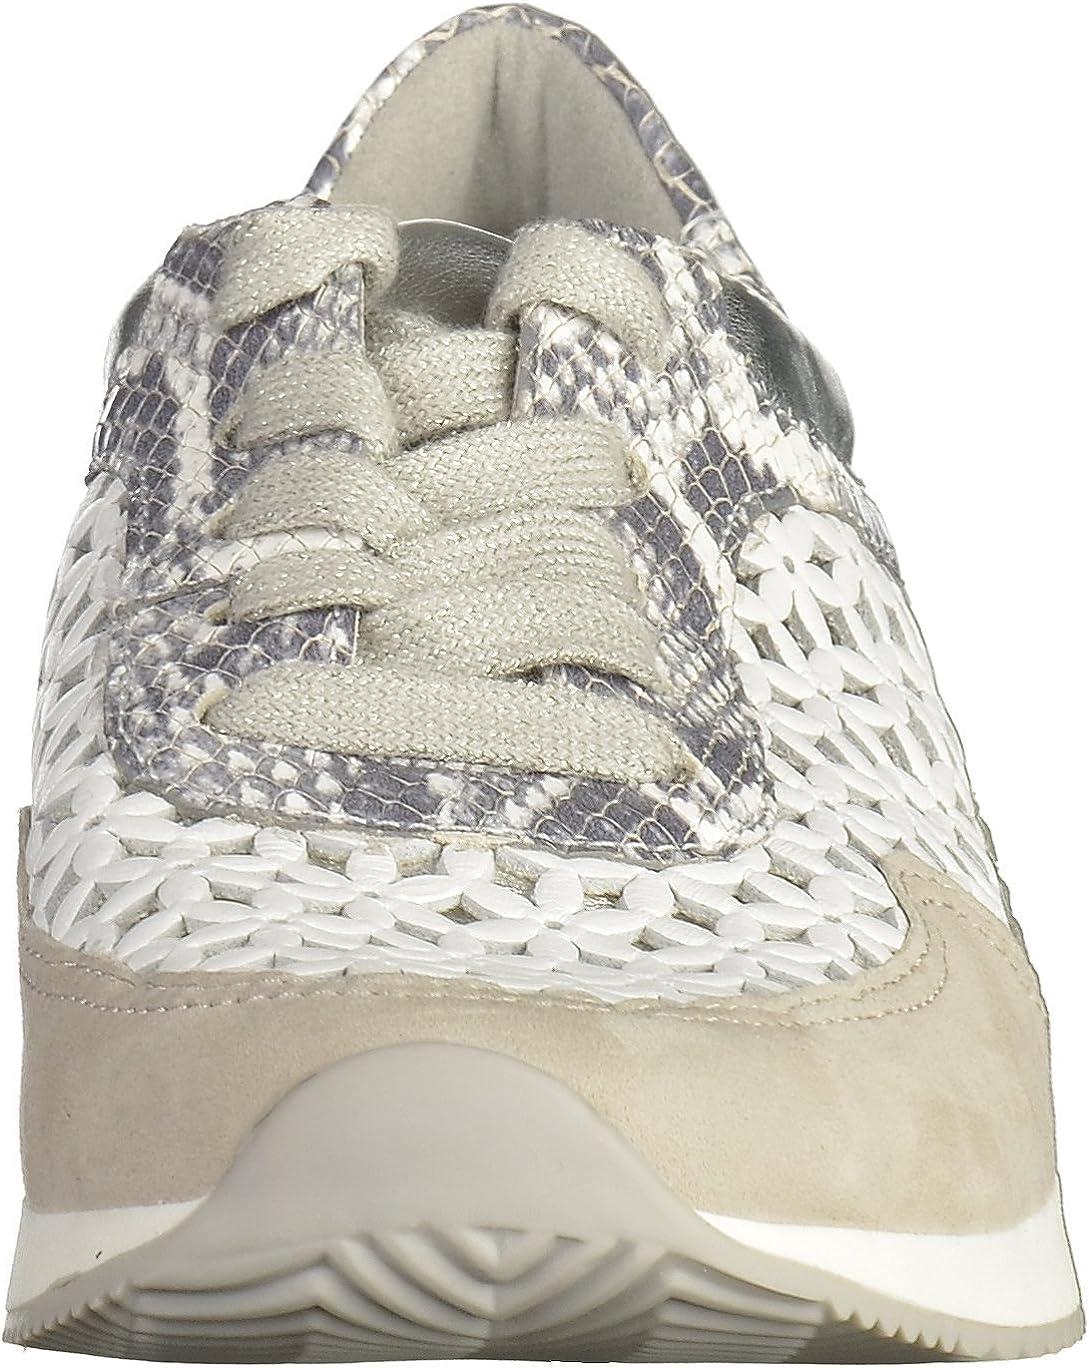 ARA 12-34020 G Damen Sneakers Mehrfarbig